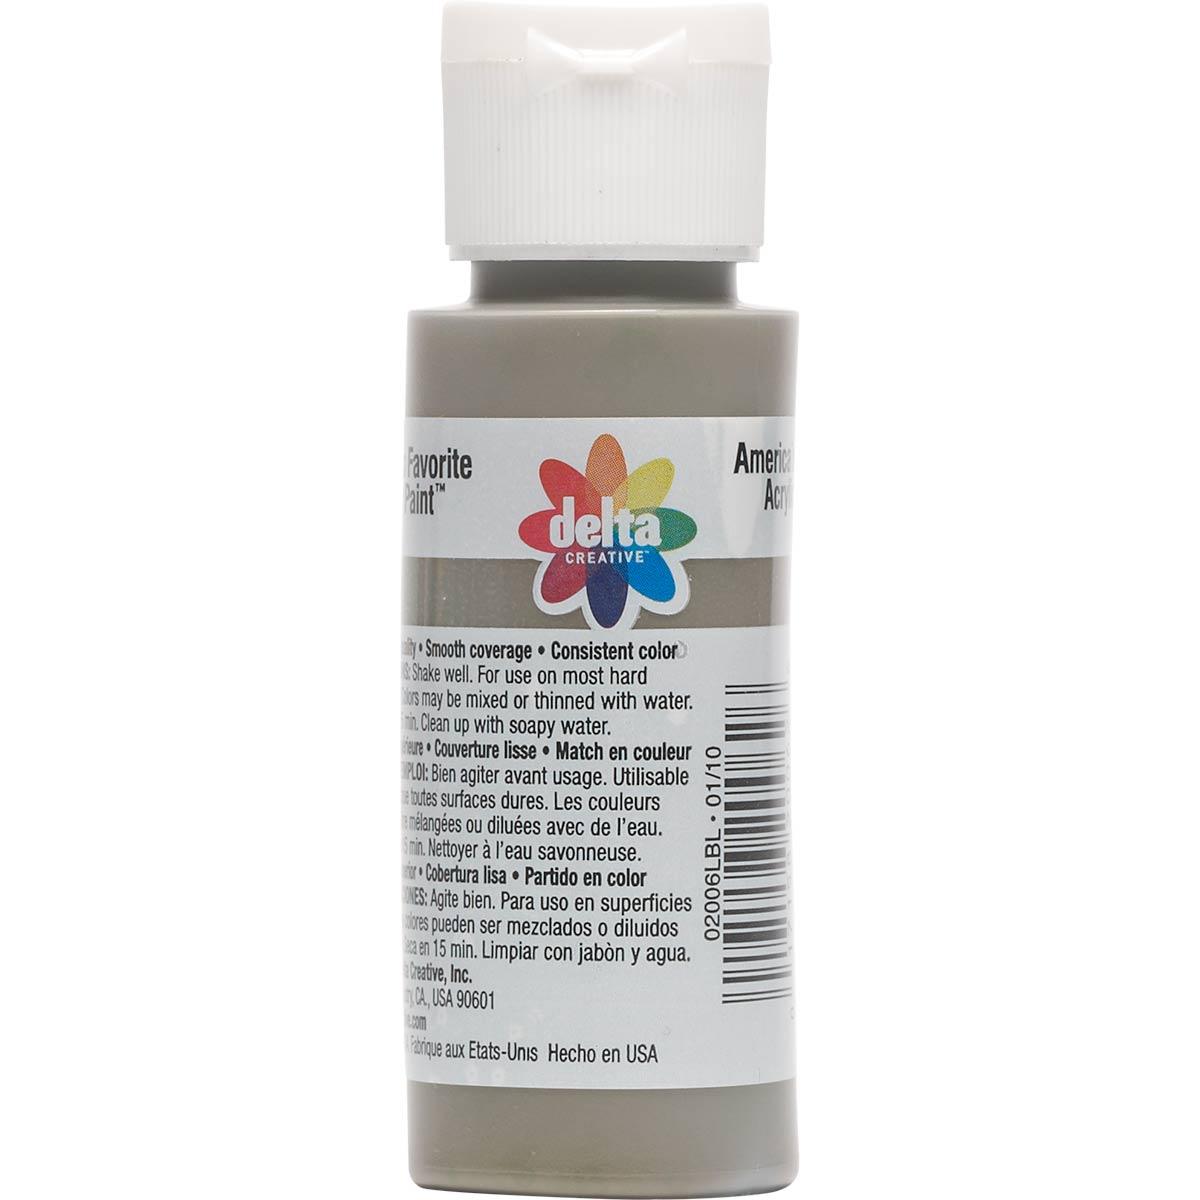 Delta Ceramcoat ® Acrylic Paint - Avacado, 2 oz.